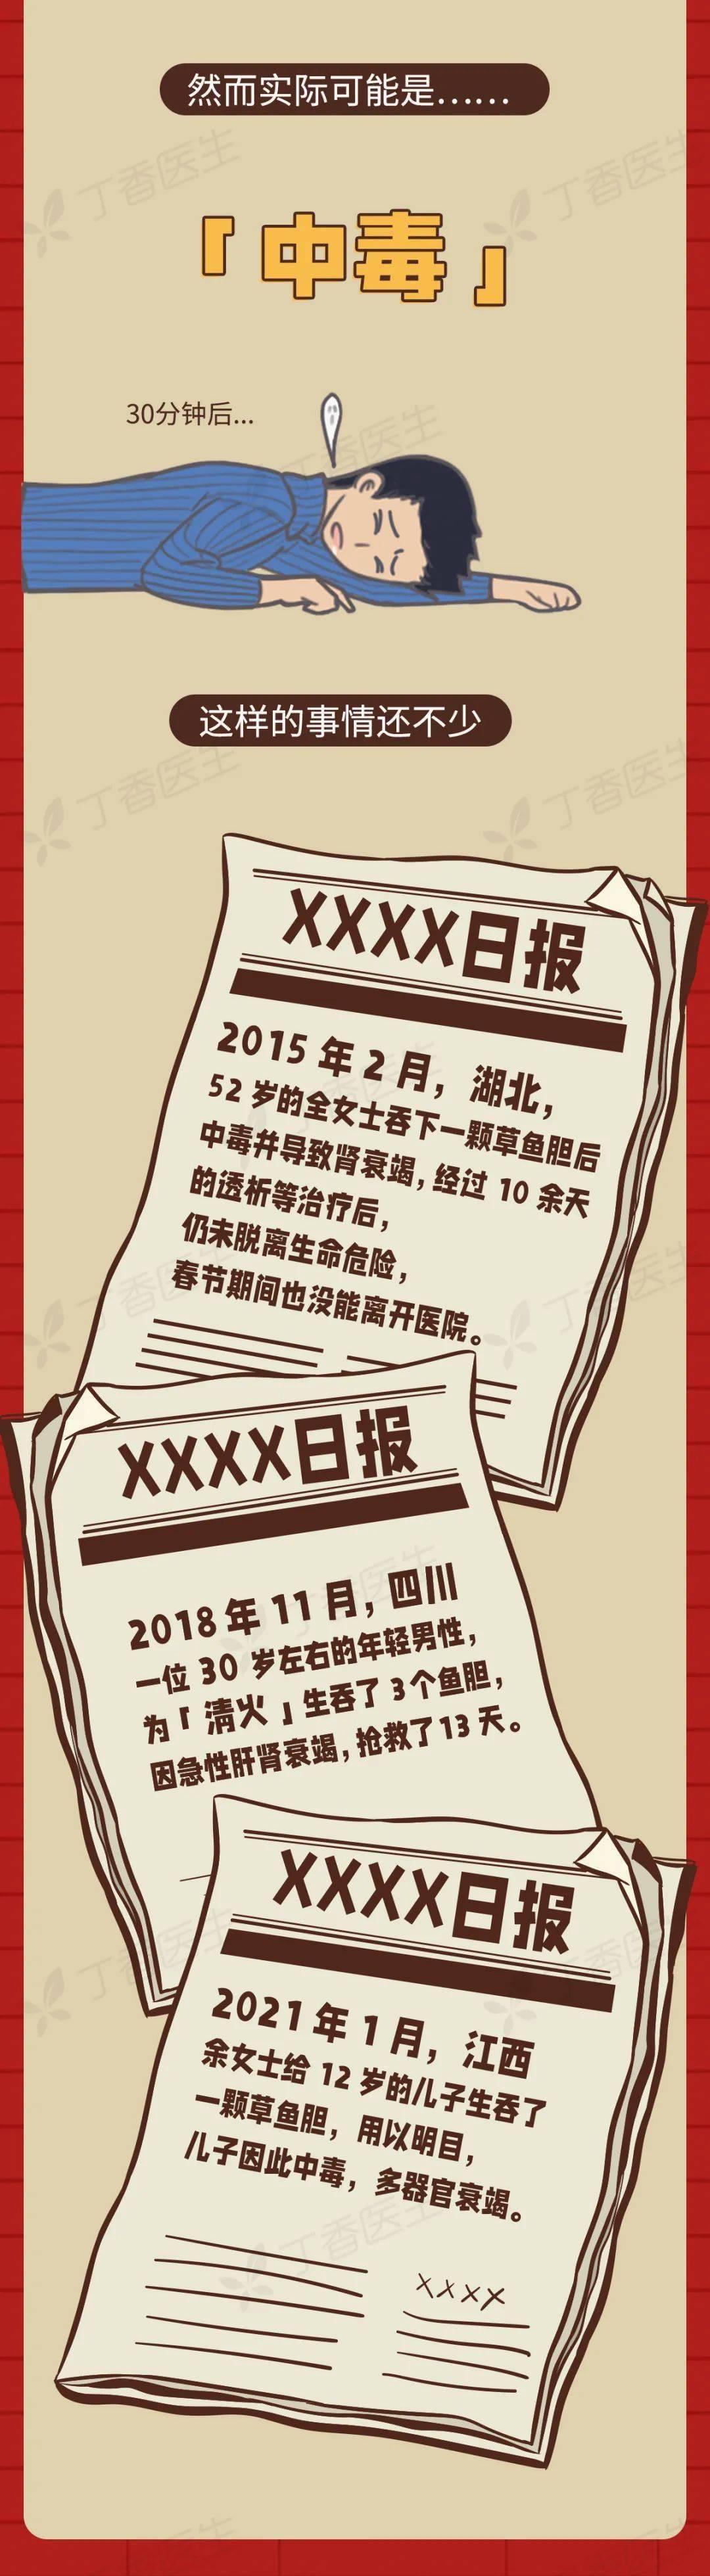 绿媒不满金门酒在大陆标中国台湾金门 企业回应